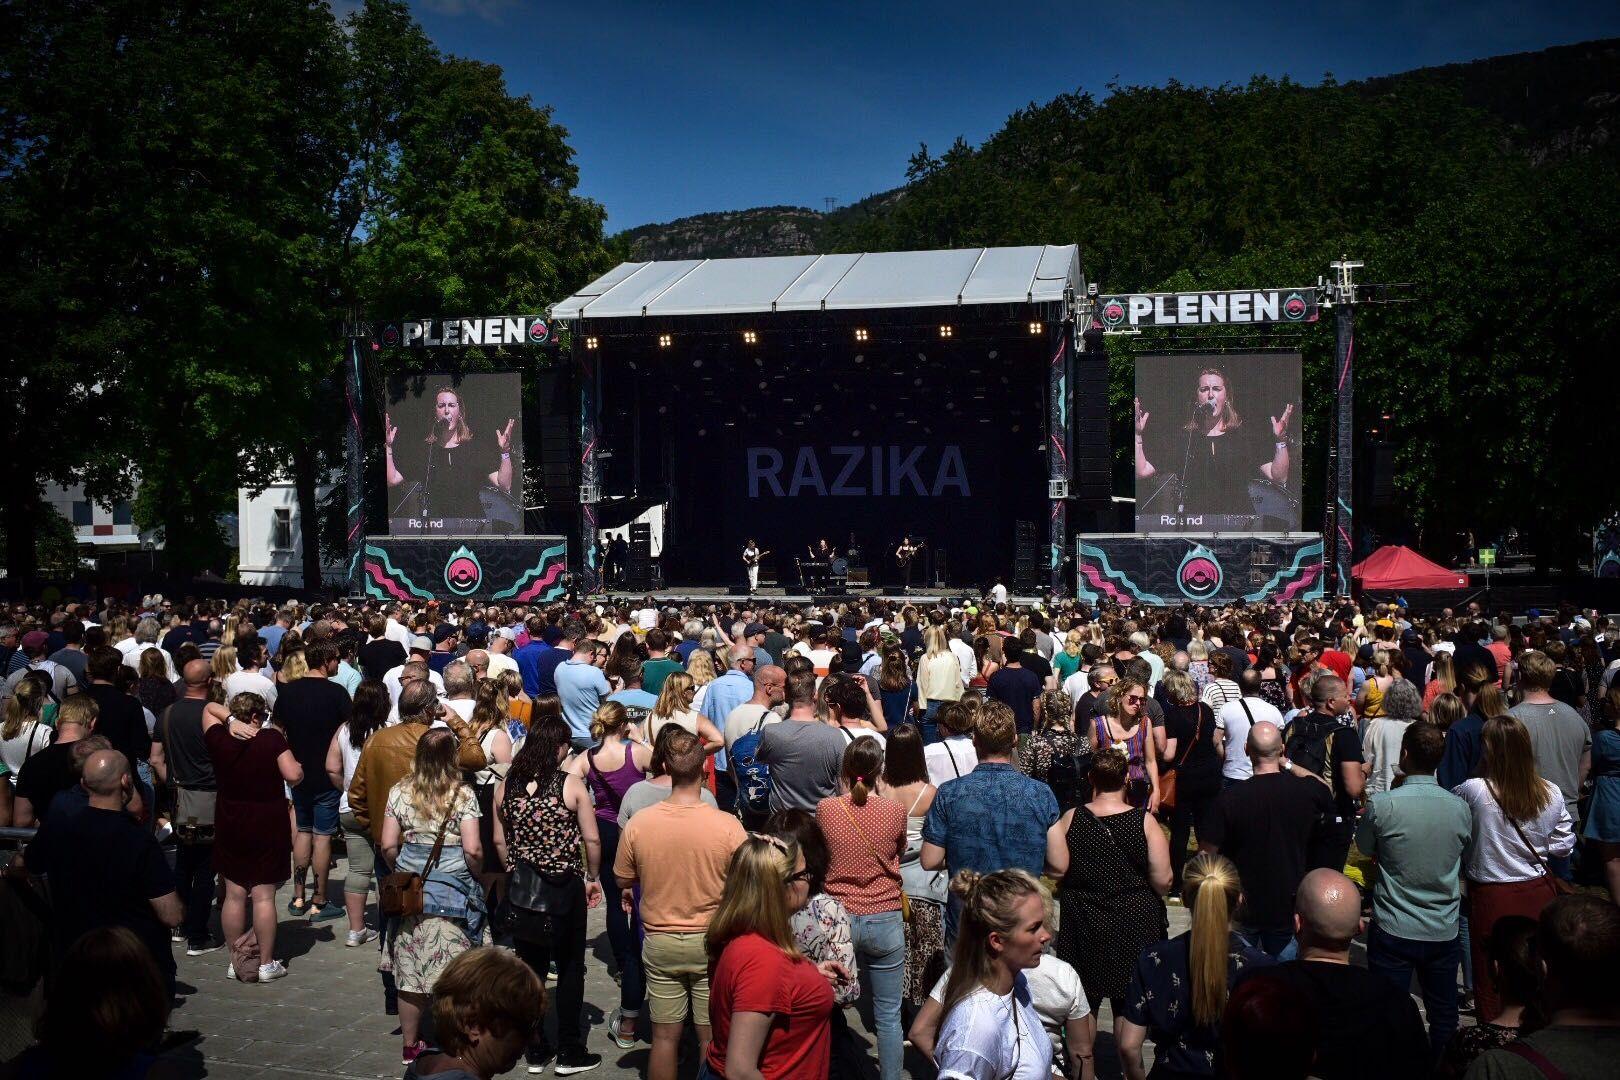 LØRDAGEN: Razika spillte sin siste konsert i Bergen noensinne. Robert Plant, Patti Smith og Hjerteslag var noen av de andre høydepunktene på siste festivaldag.